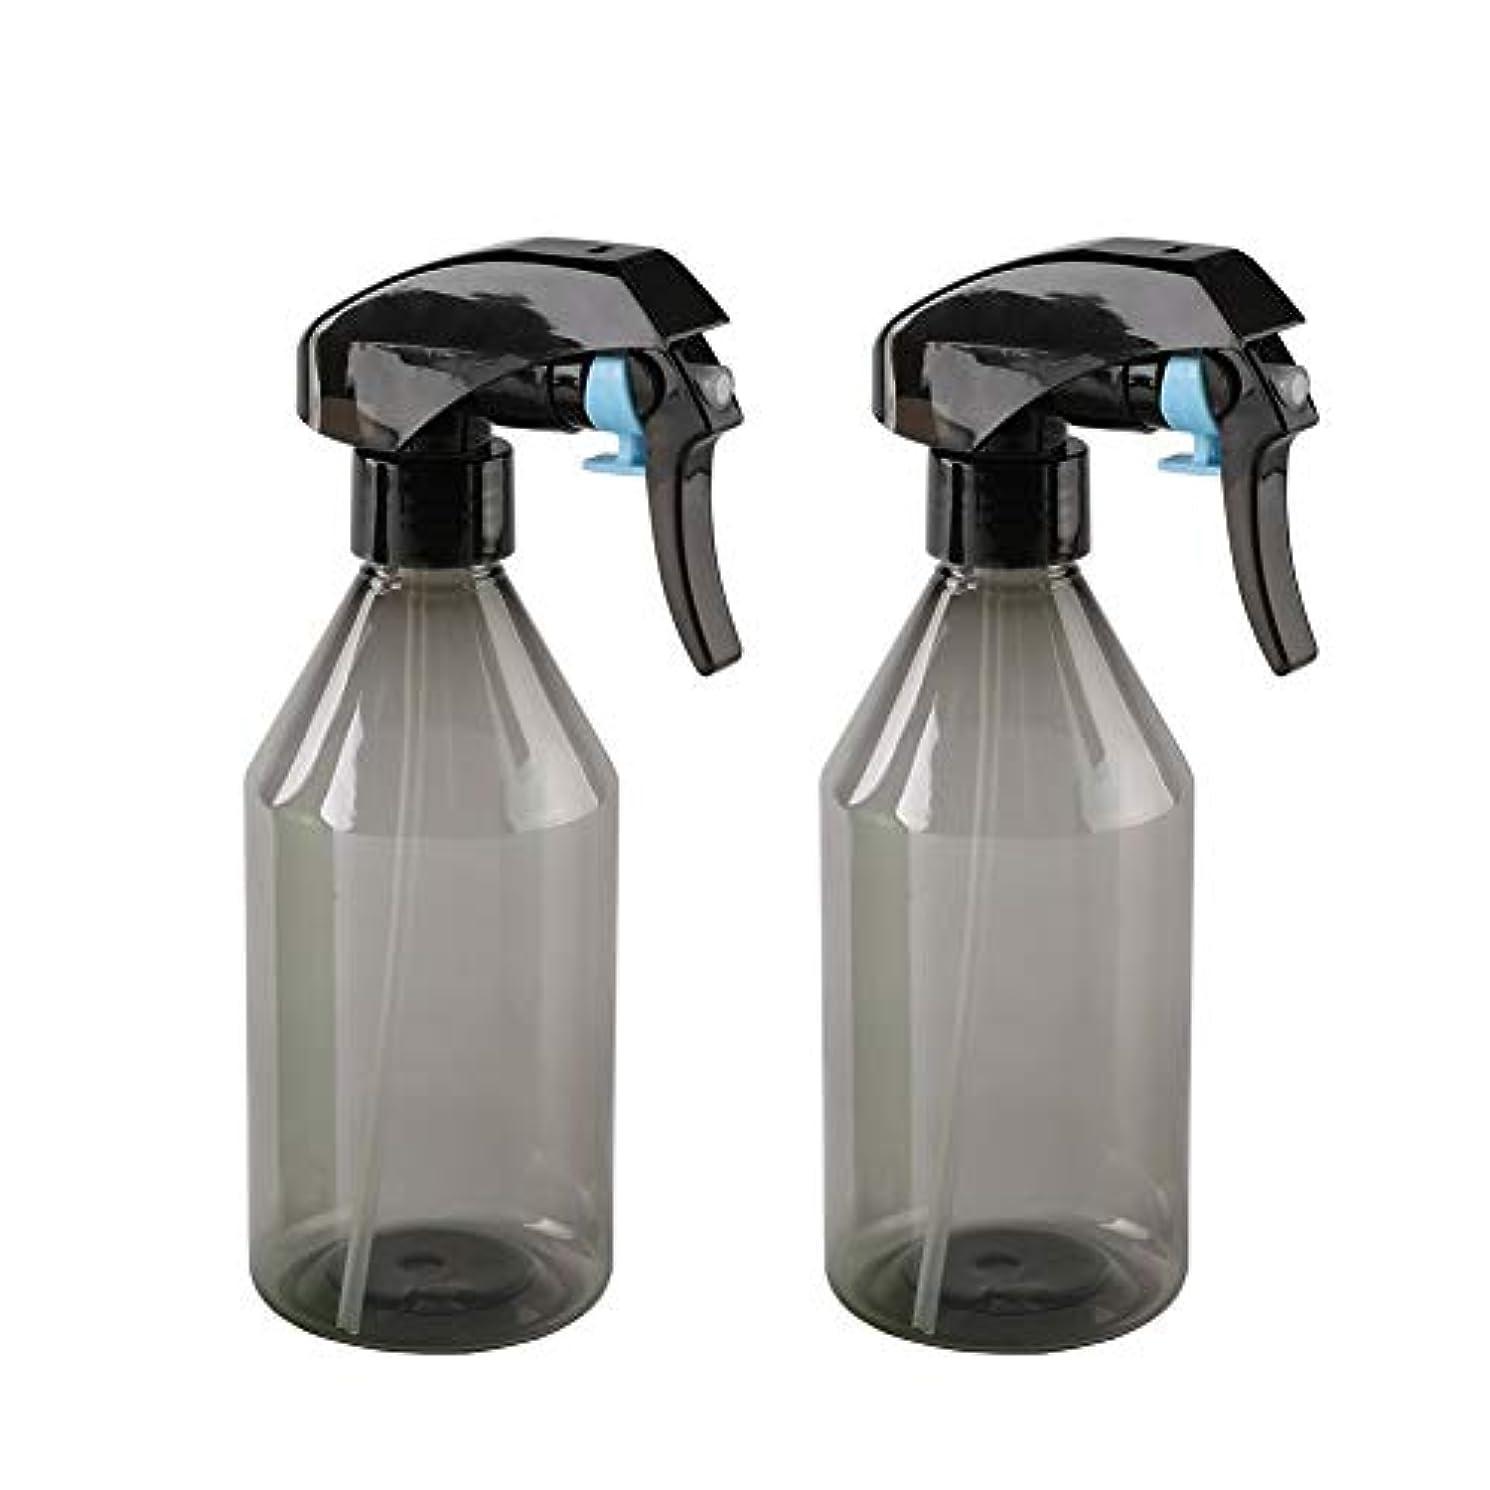 音割り当て聖人プラスチックエアスプレーボトル|超微細スプレー 詰め替え式スプレー容器 - 掃除、植物、ヘアー用 300ml*2個 (グレイ)